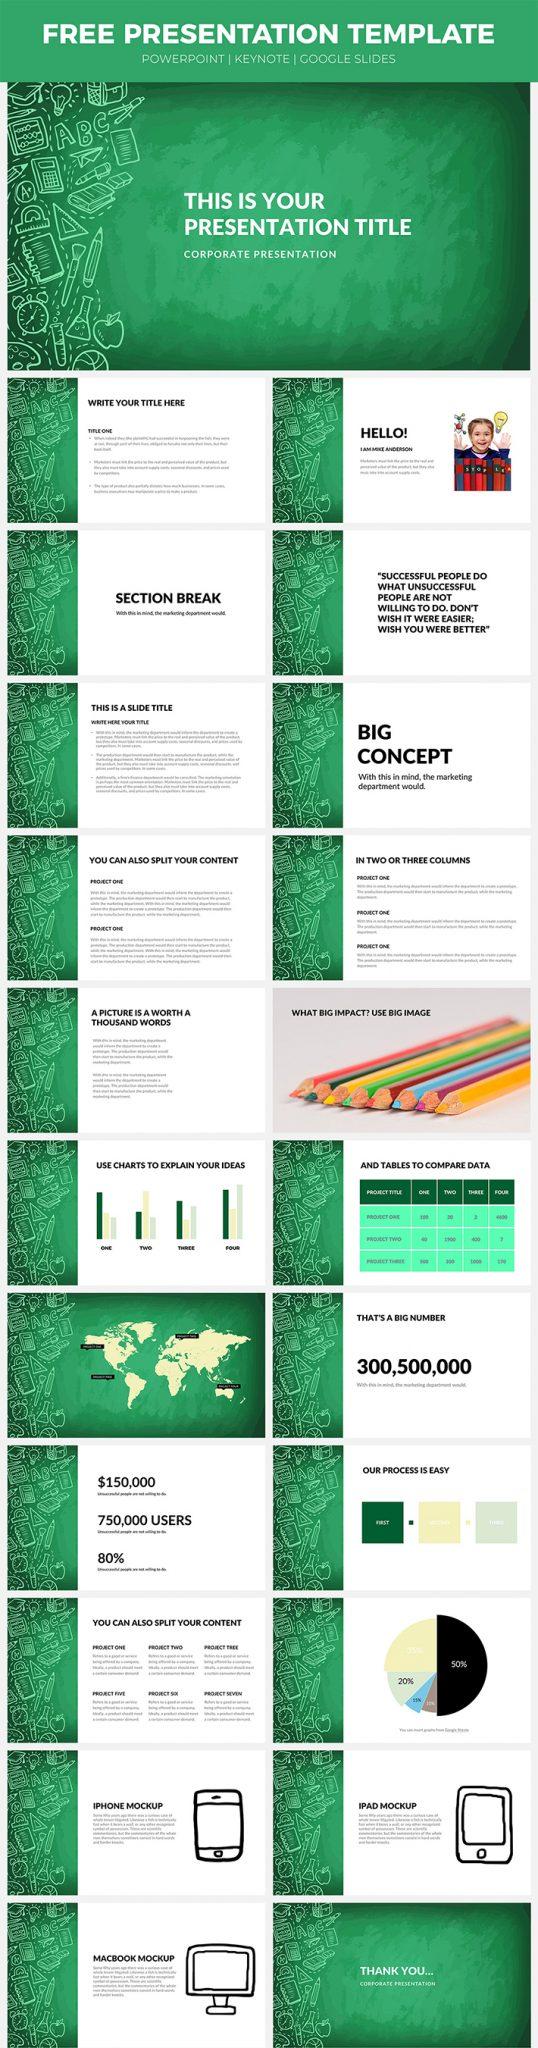 Presentación de negocios creativos Plantilla de diseño web Descarga gratuita